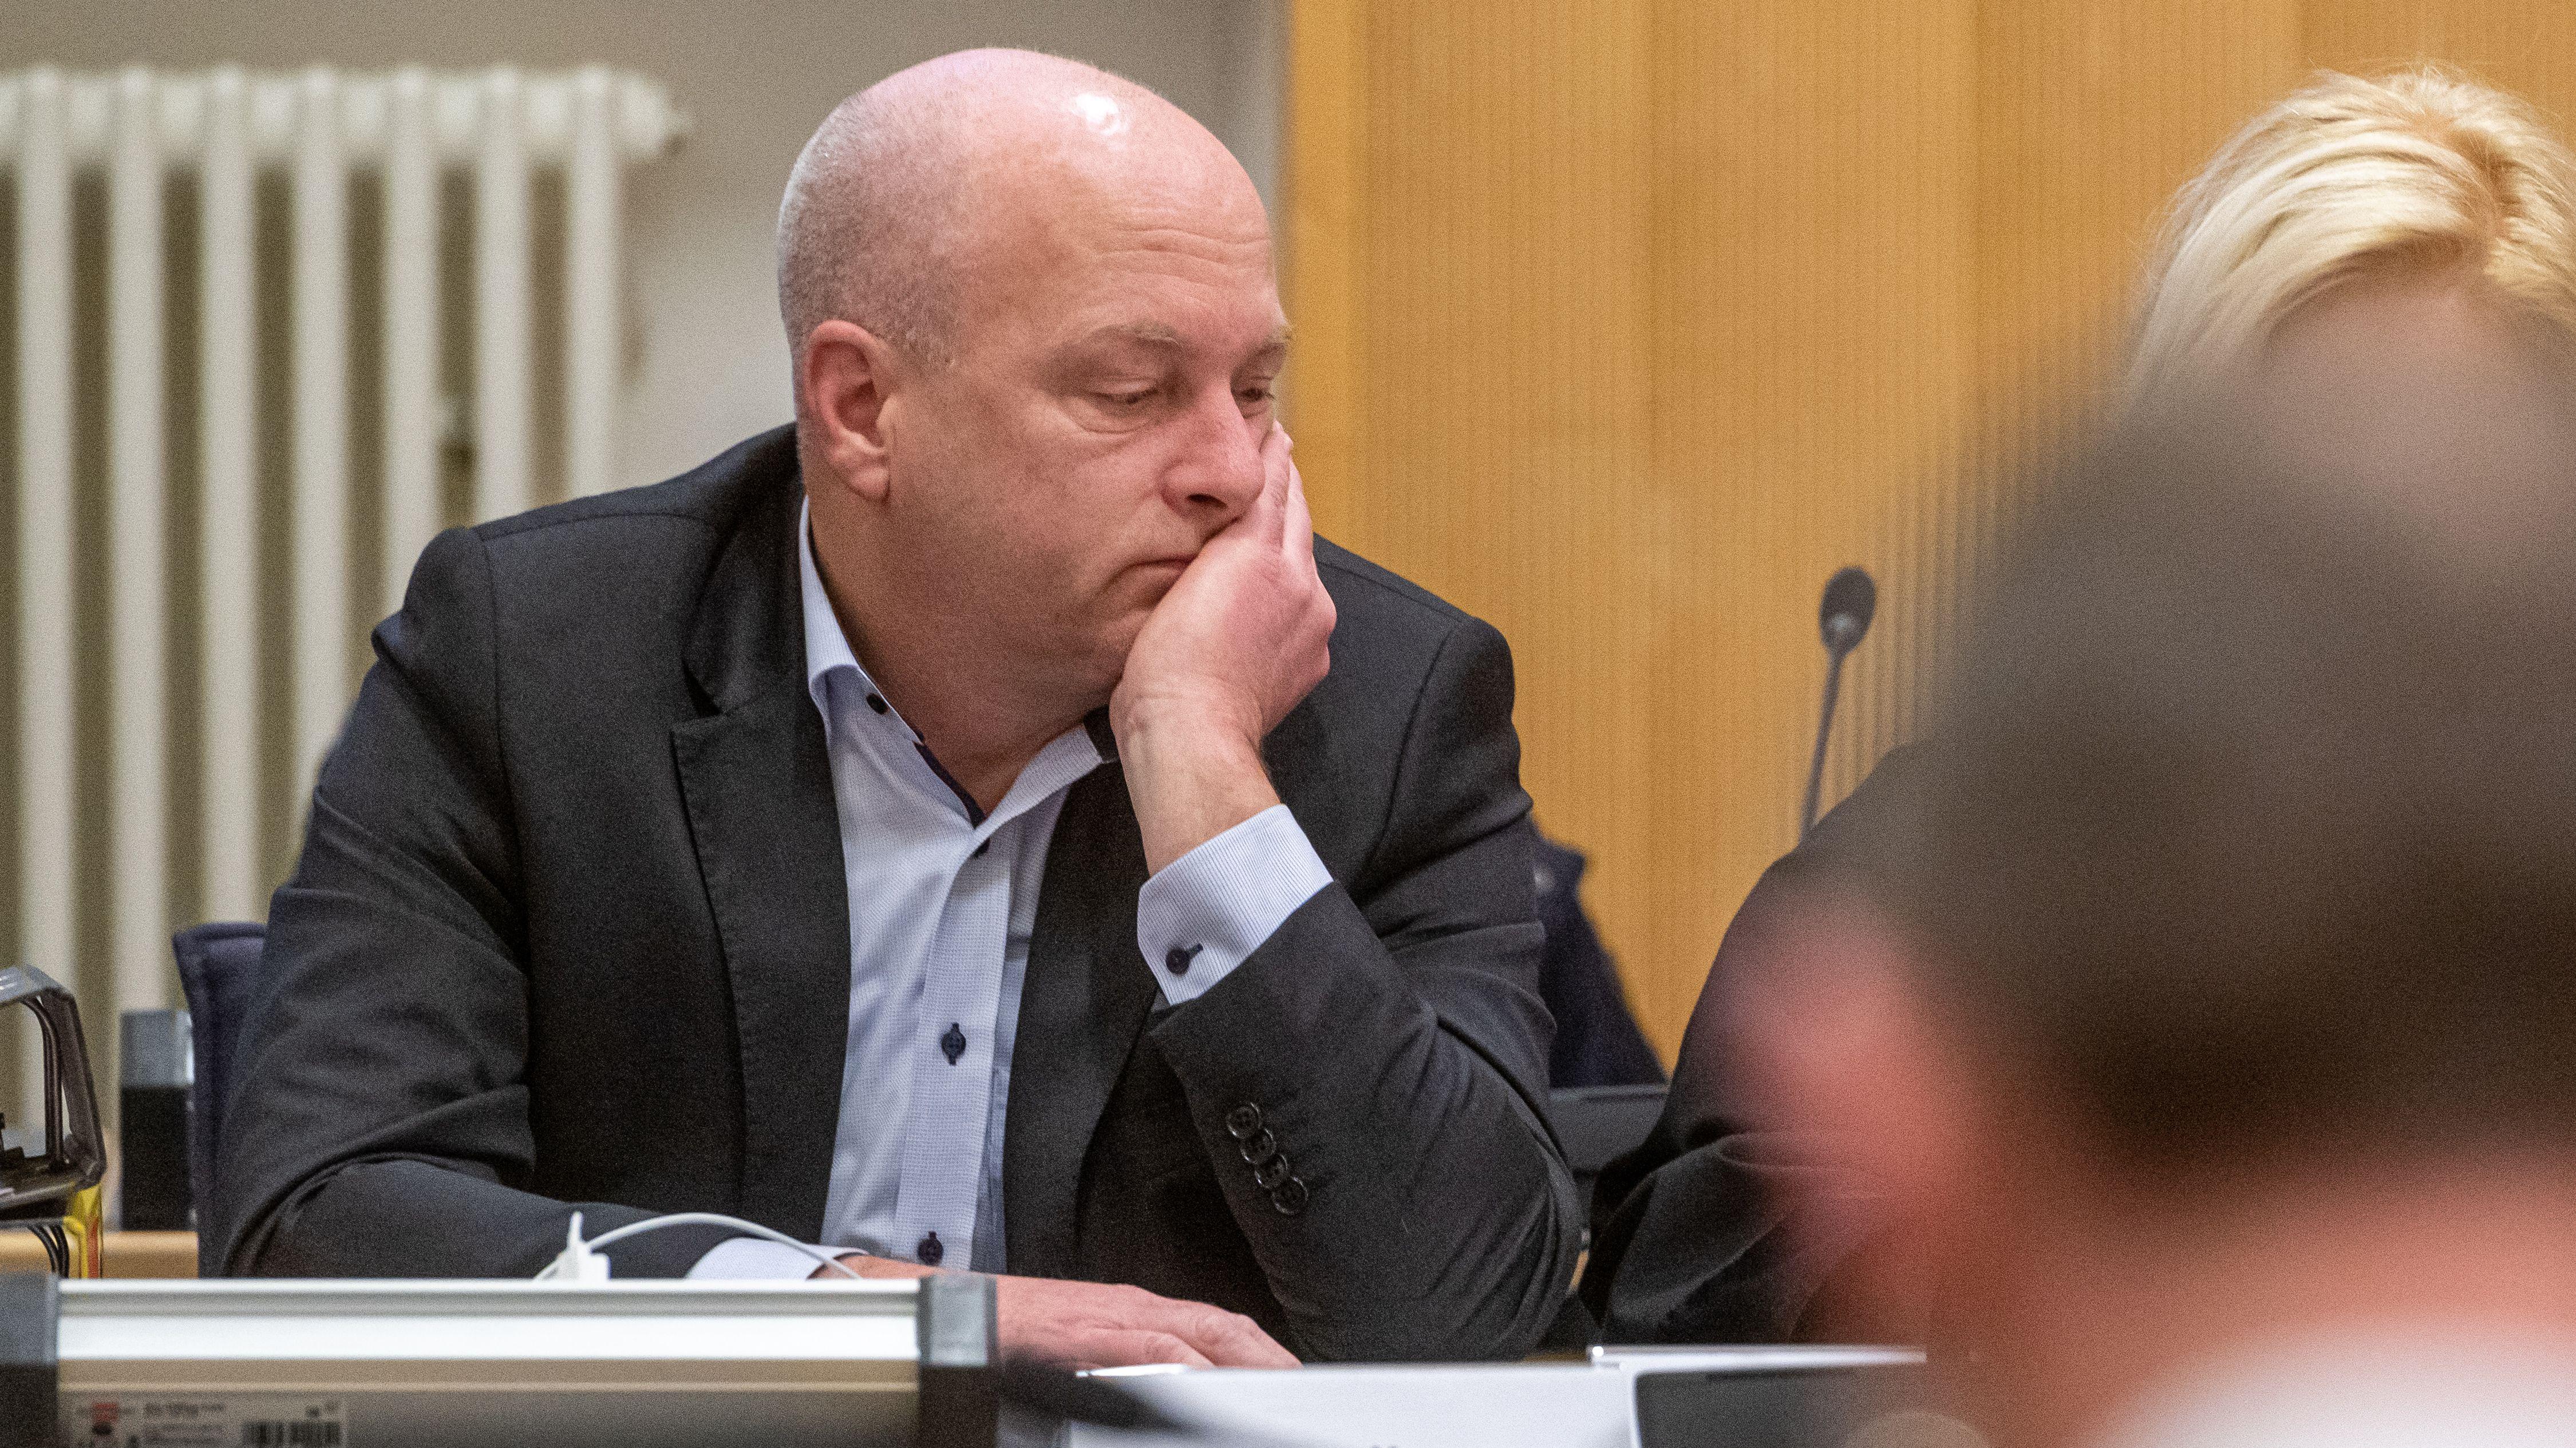 Joachim Wolbergs, suspendierter Oberbürgermeister von Regensburg, sitzt im Verhandlungssaal im Landgericht.